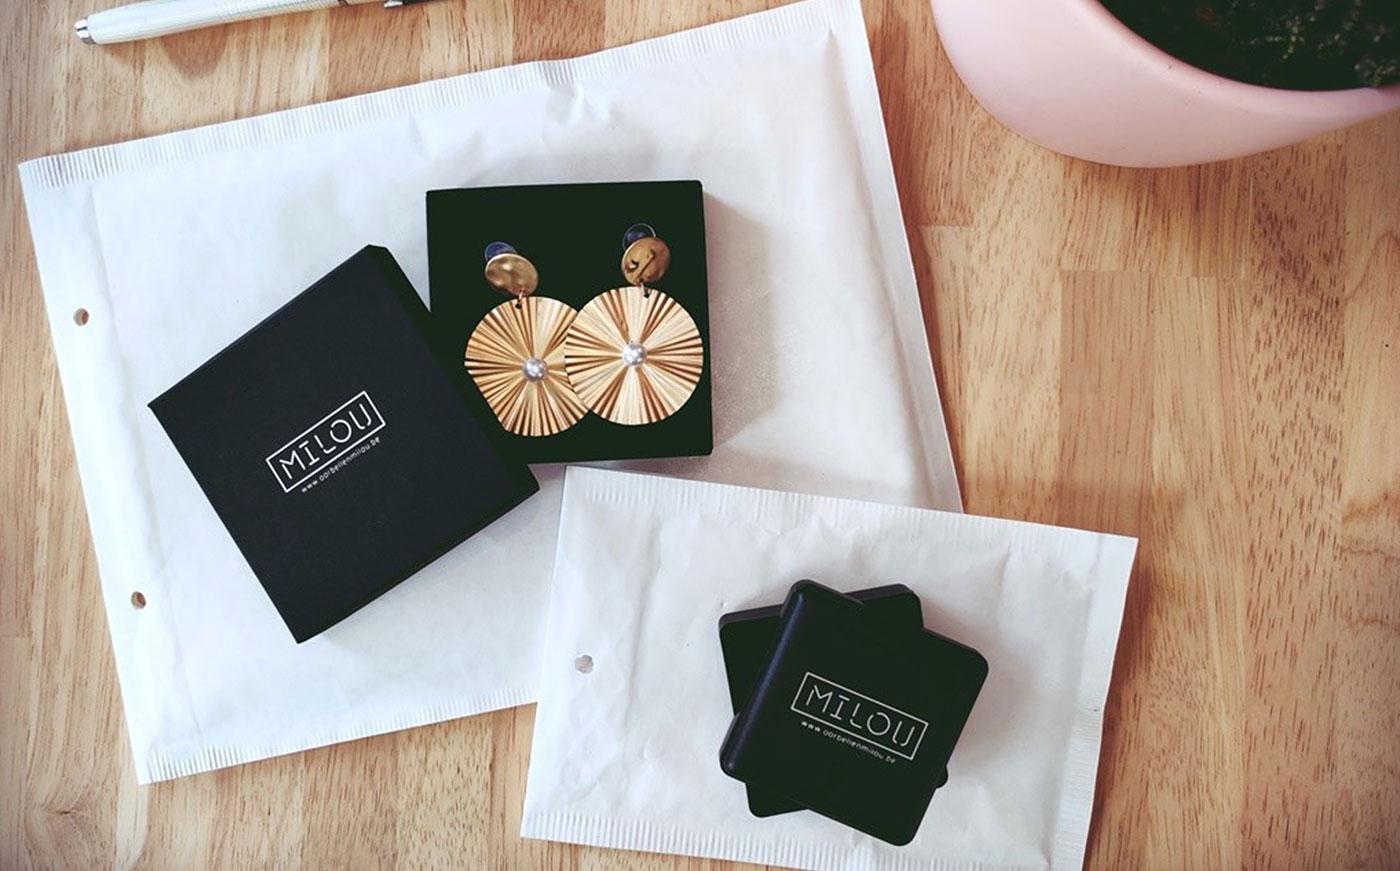 Oorbellen kopen online   Mooie en budgetvriendelijke oorbellen   Oorbellen Milou